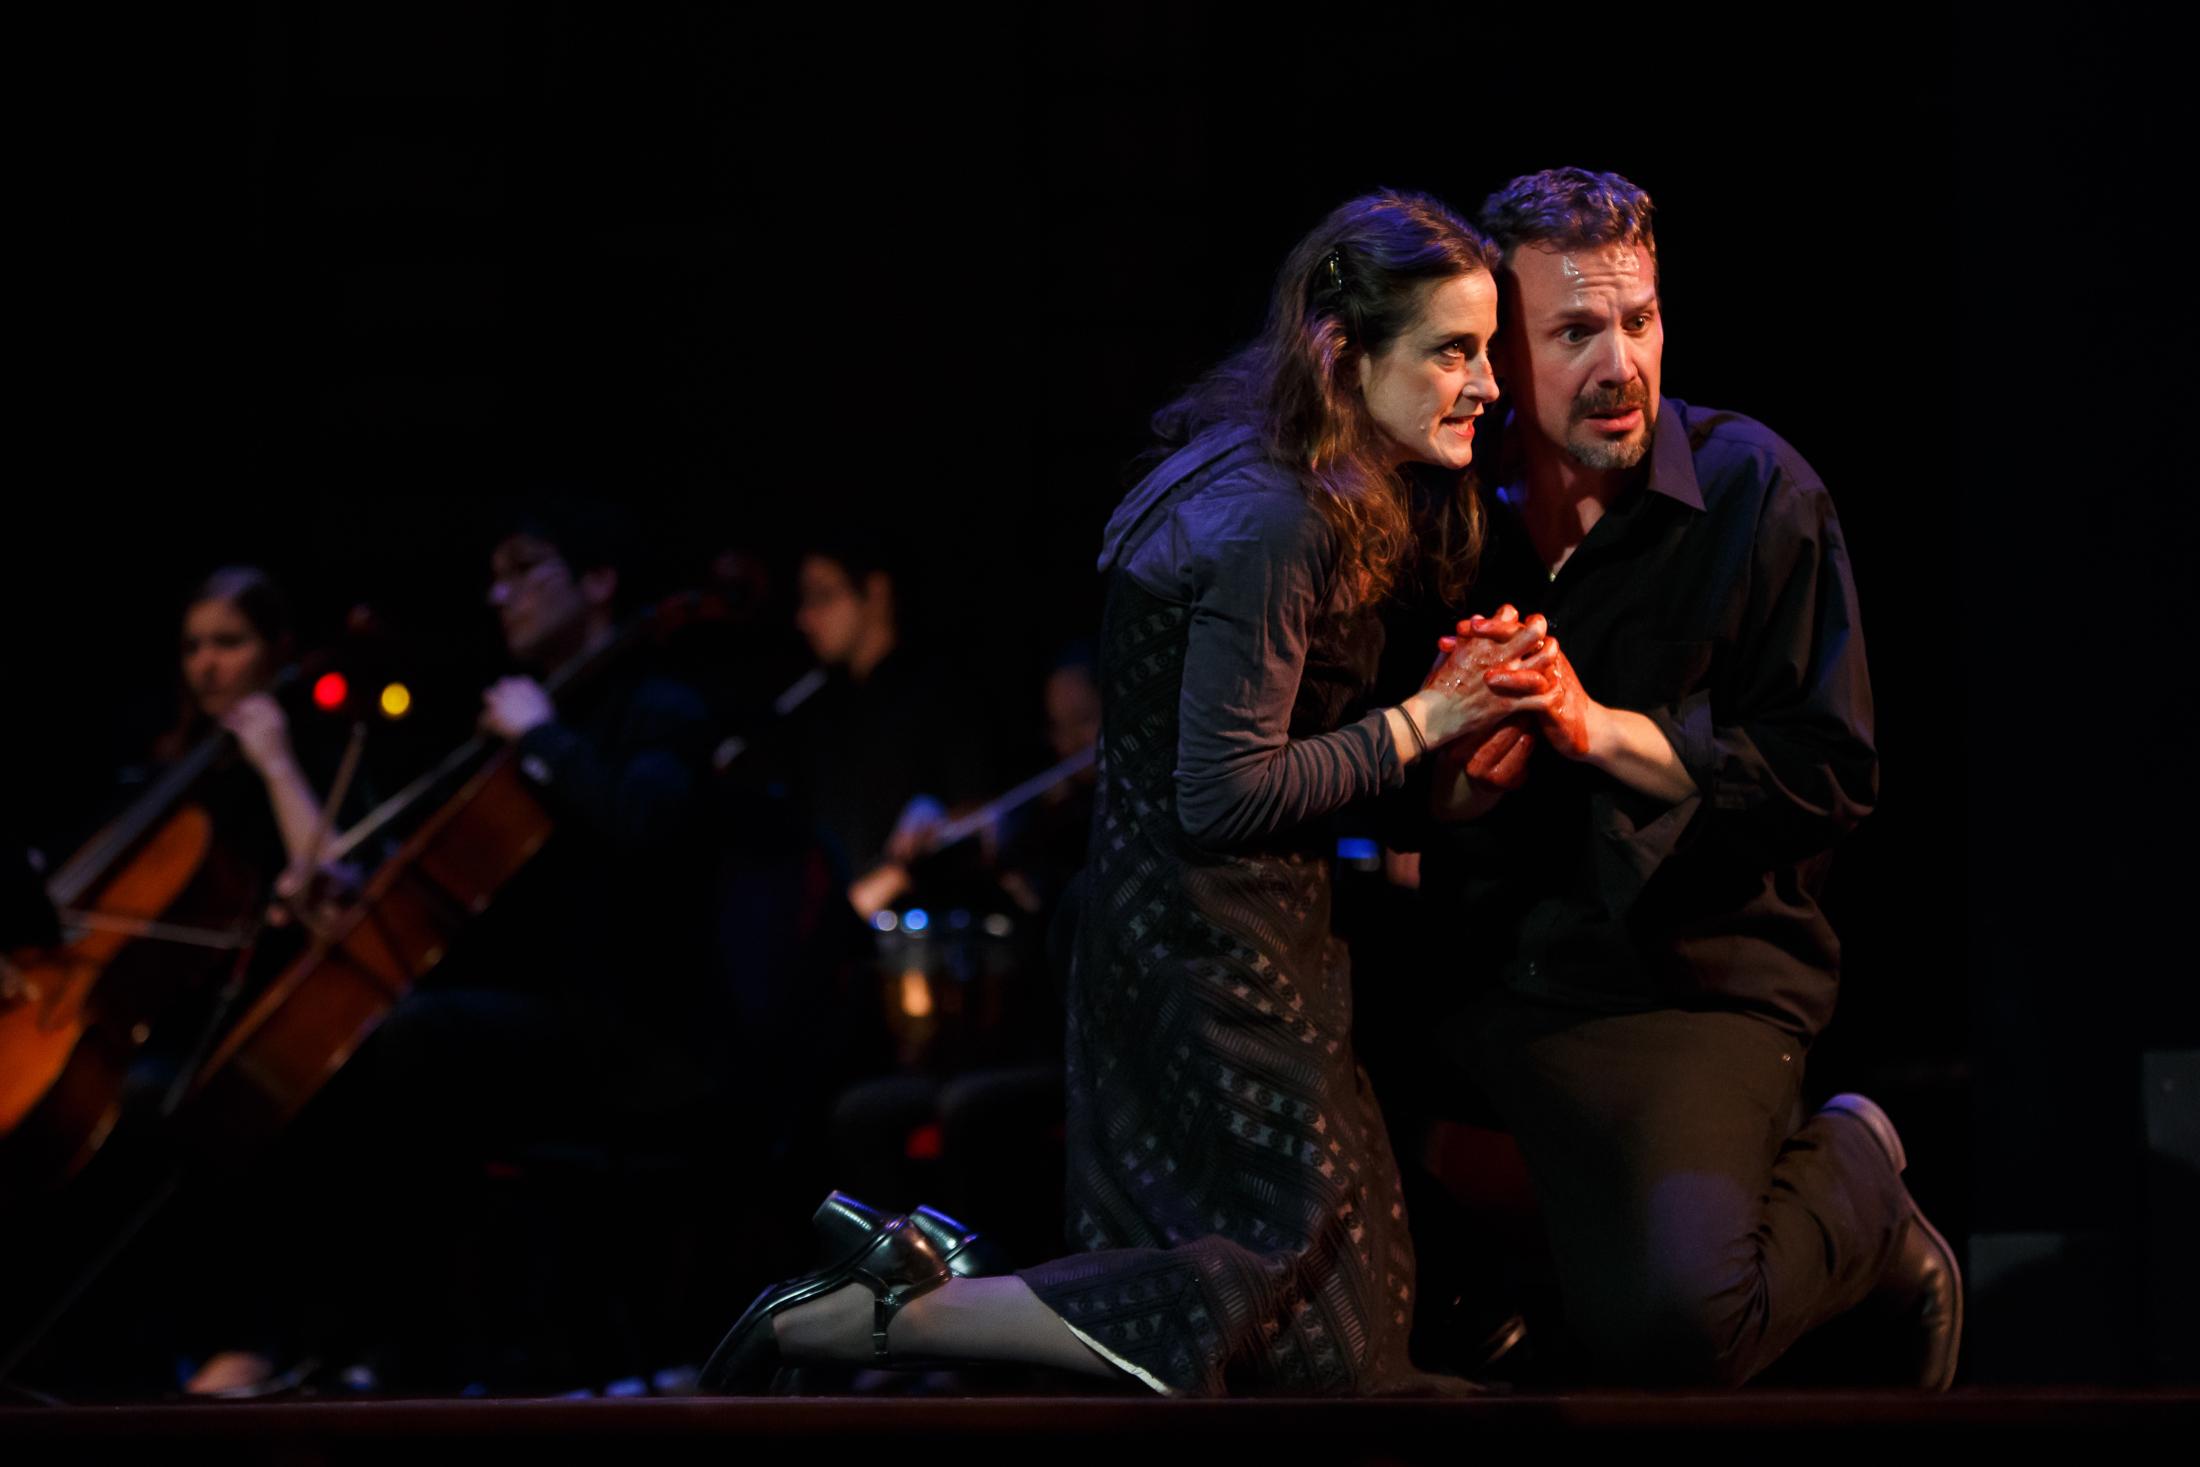 Macbeth, October 2013